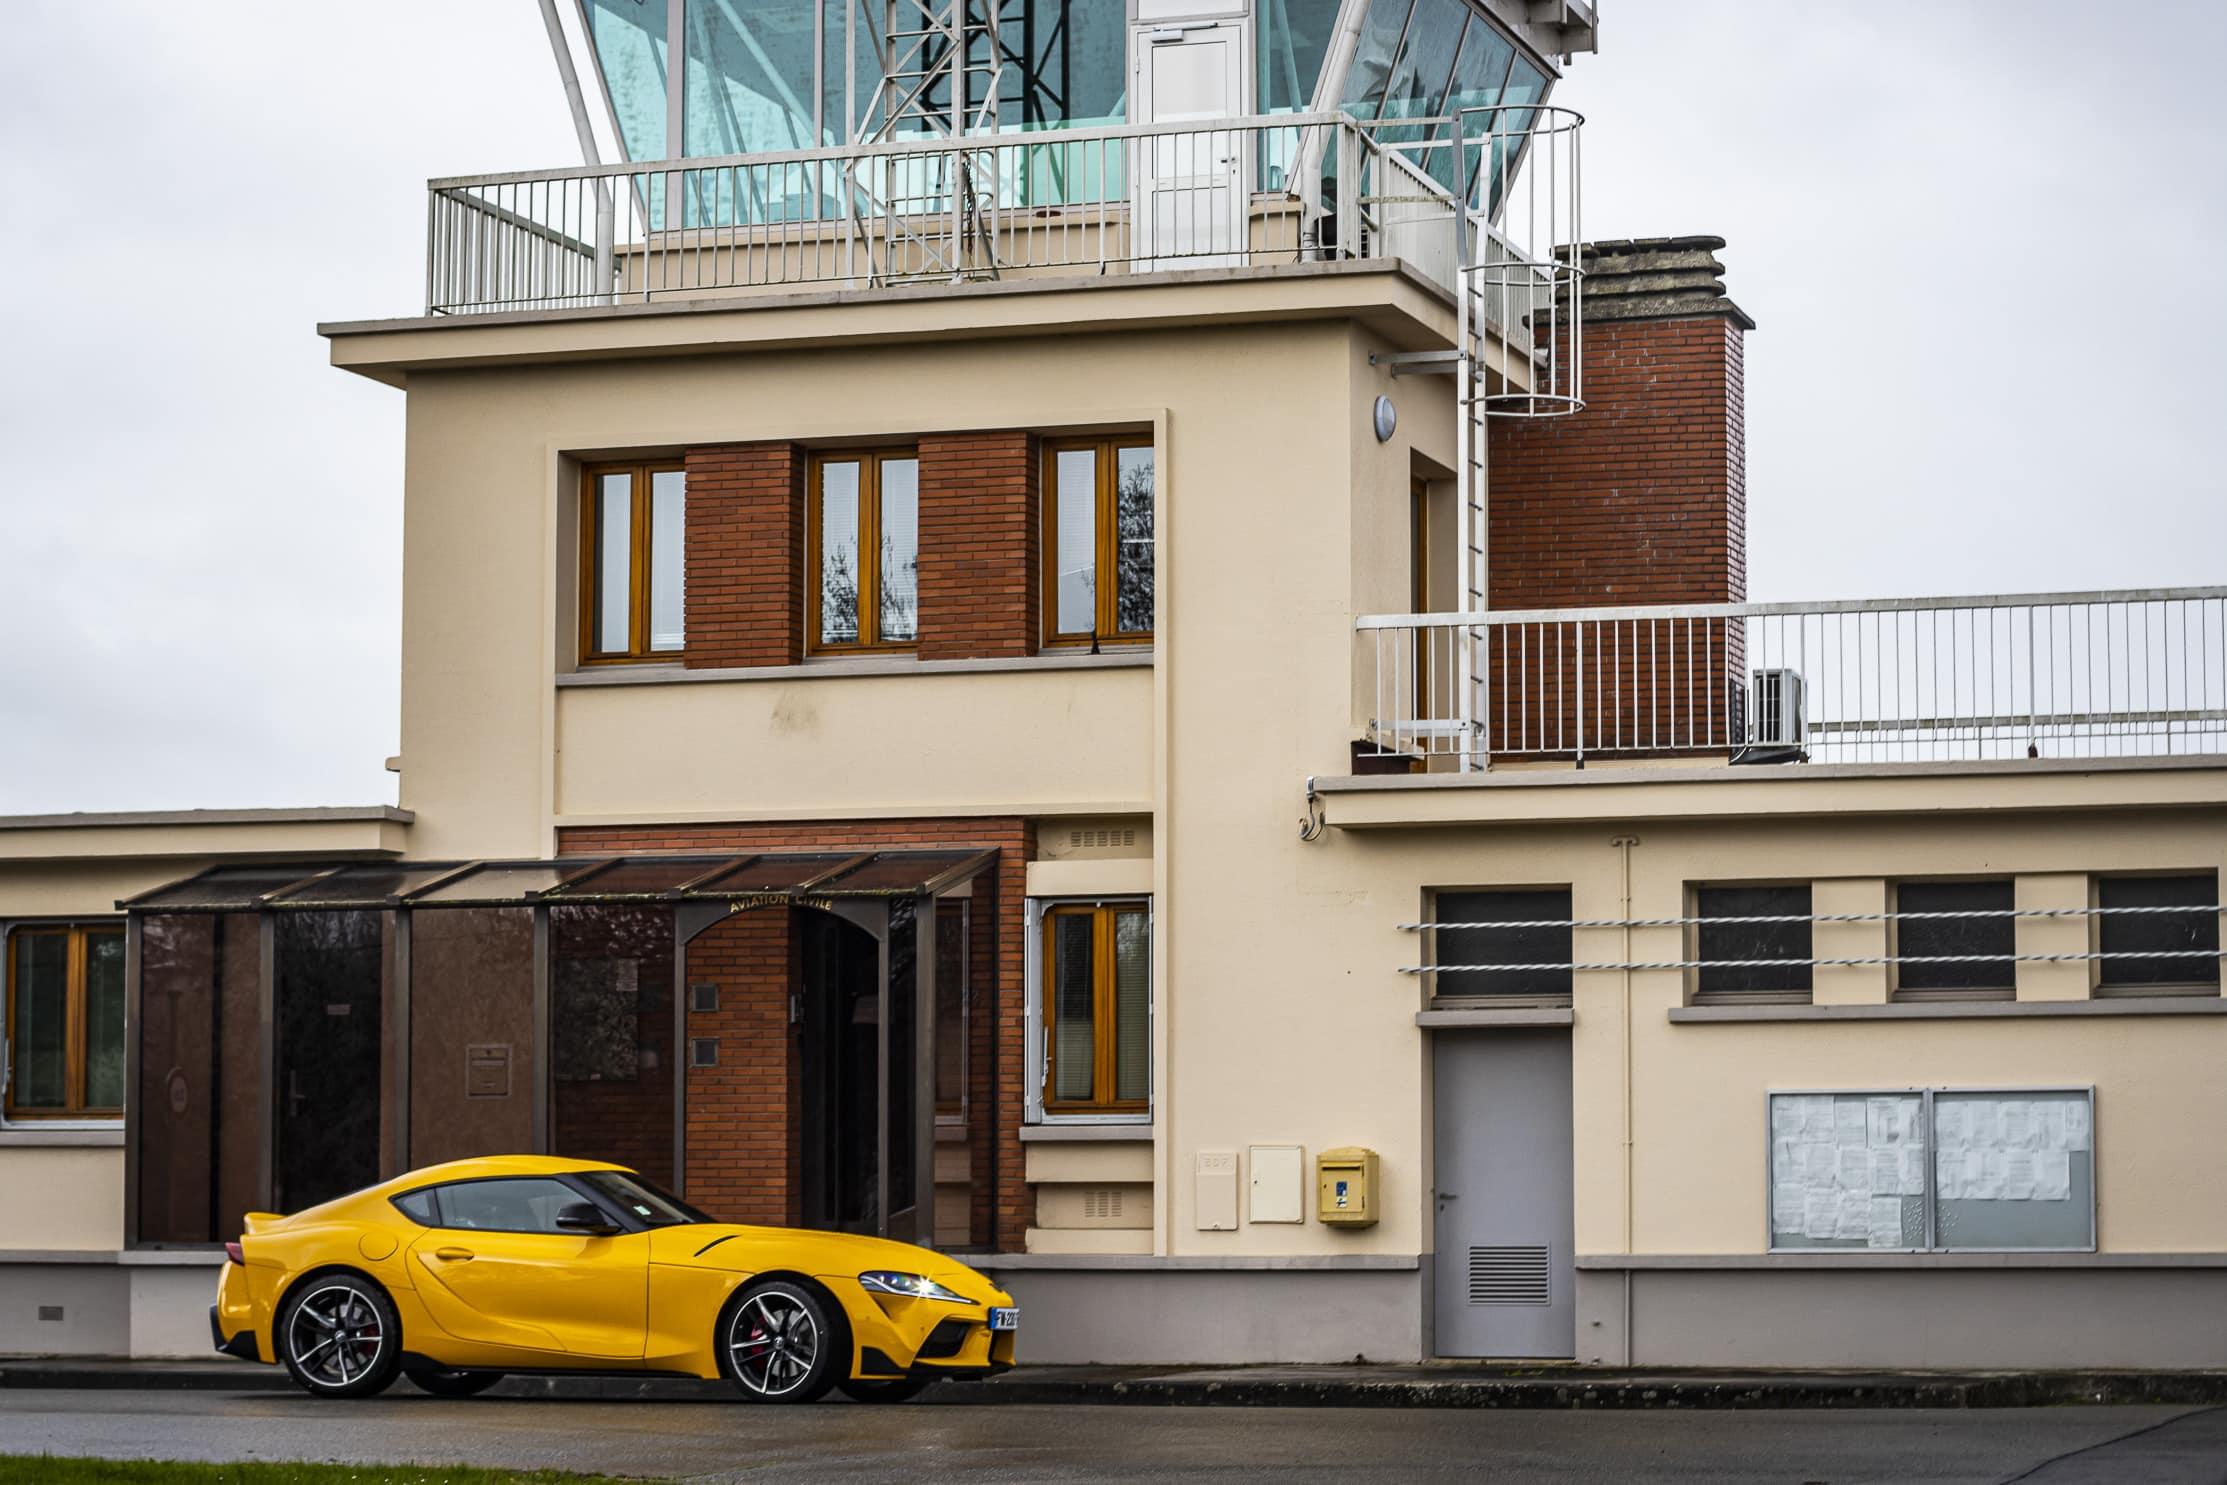 Toyota Supra jaune tour de contrôle